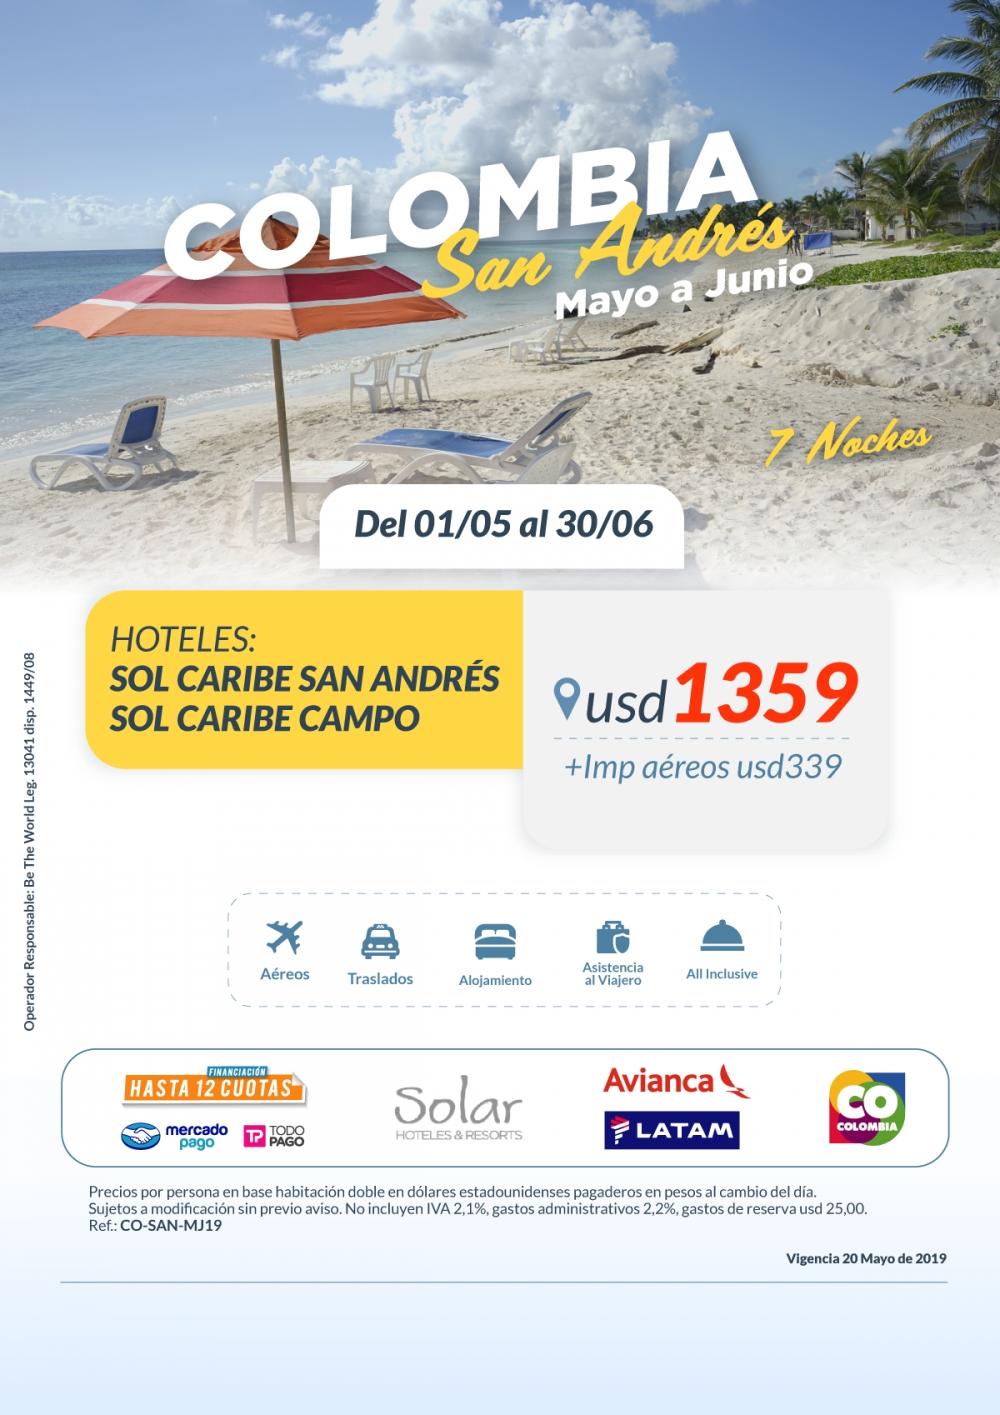 COLOMBIA - San Andres con cadena Solar - Marzo a Junio